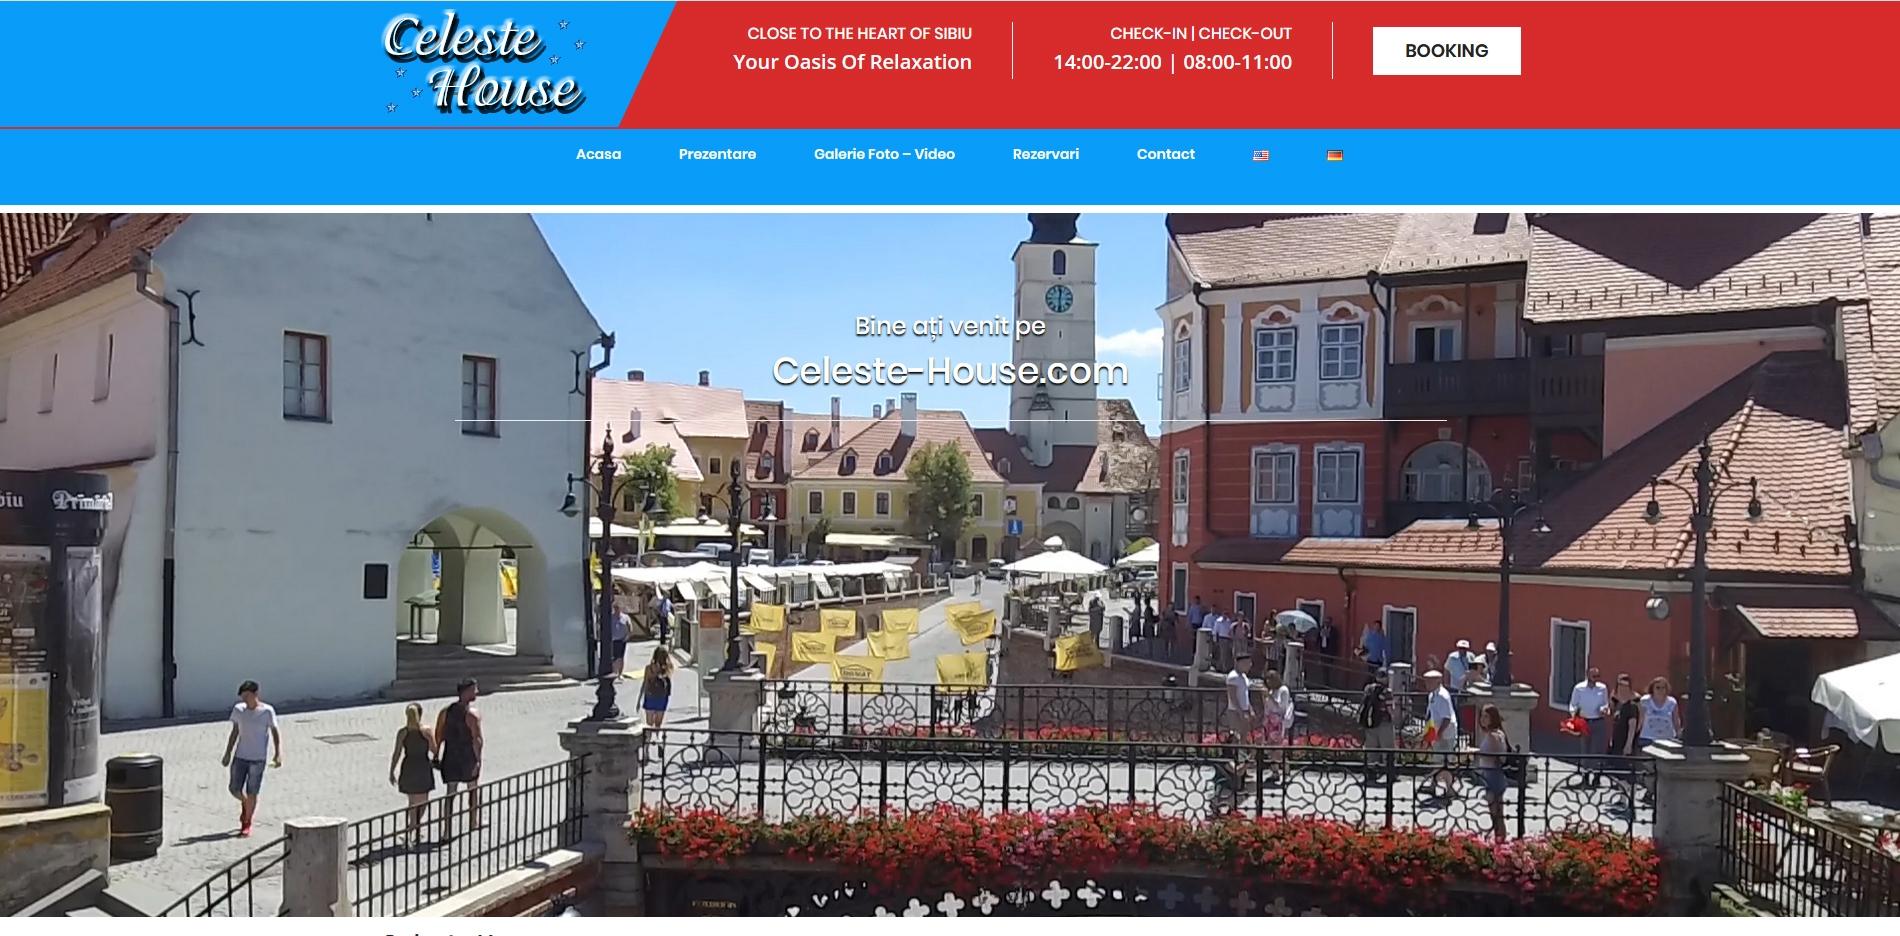 Celeste-House.com